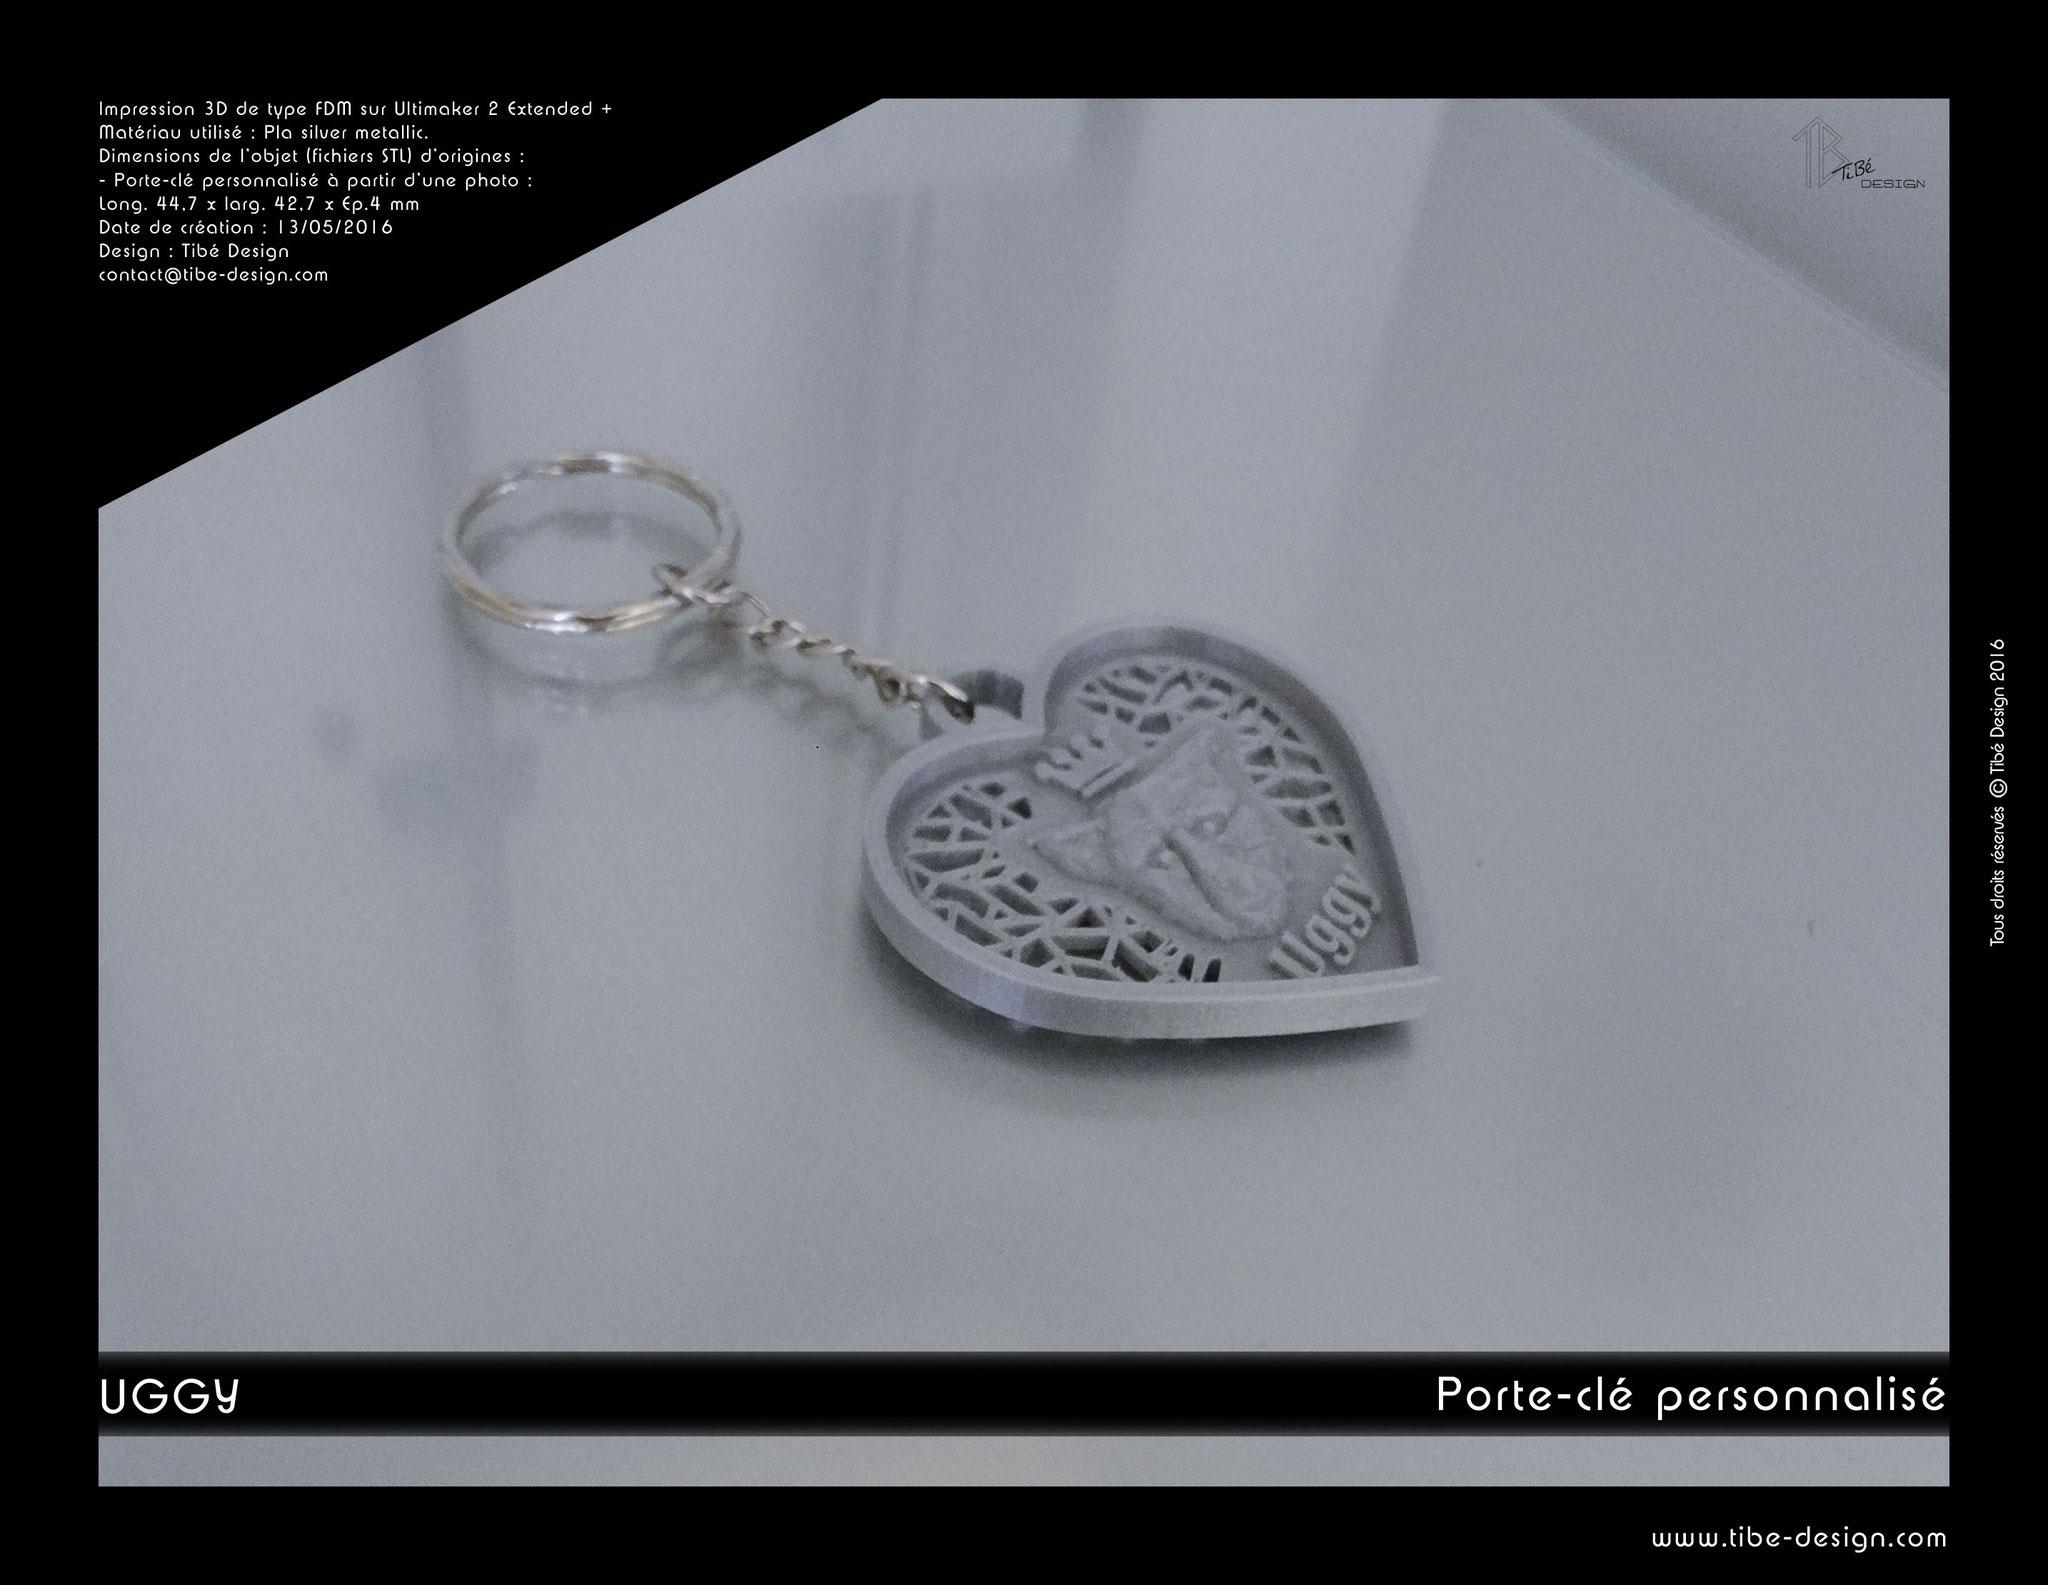 Porte-clés personnalisé print 3D Uggy